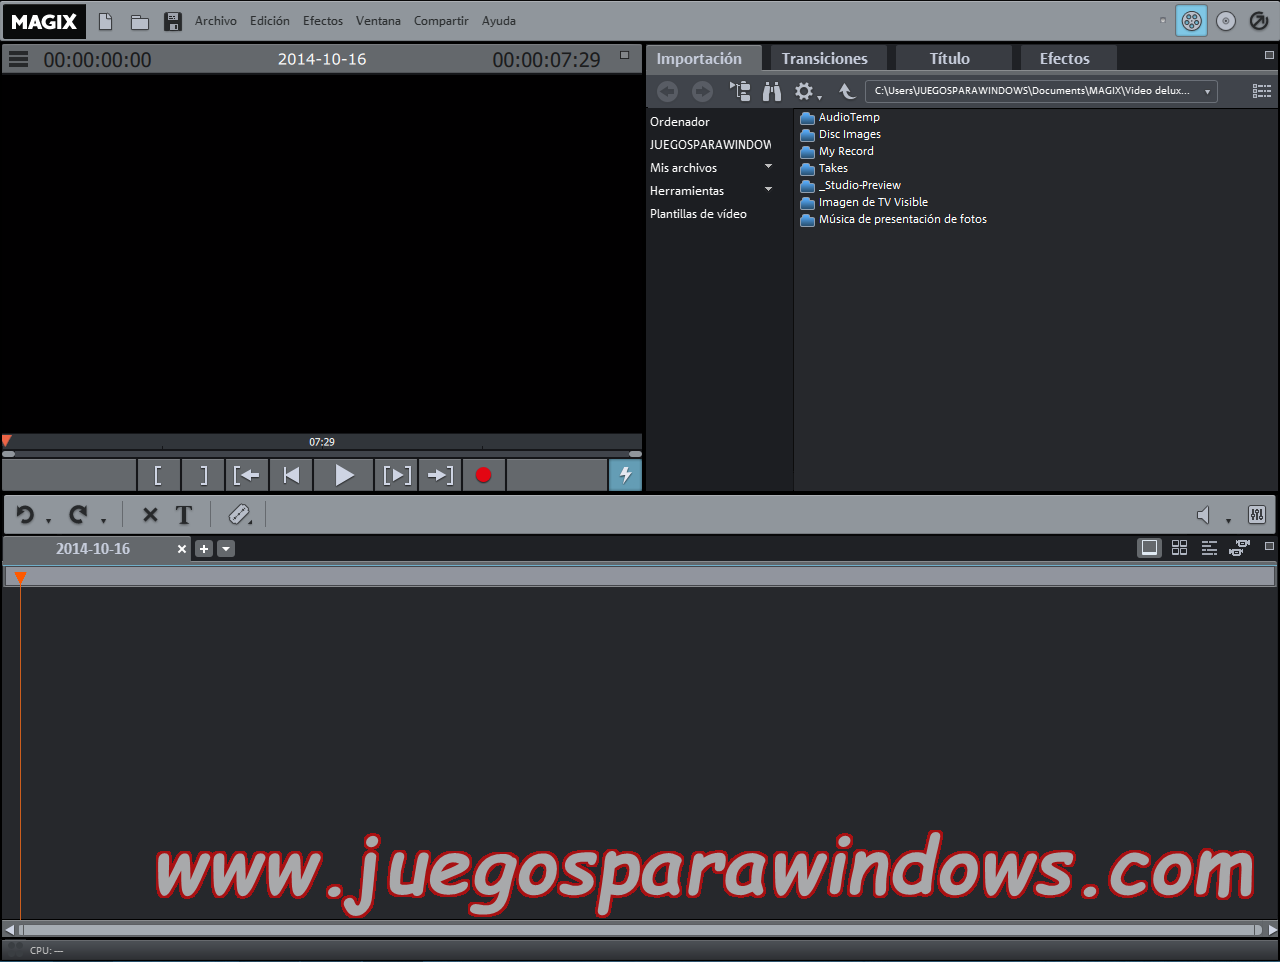 Magix Video Deluxe Premium 2015 ESPAÑOL Producciones De Video Sorprendentes (NEWiSO) 7